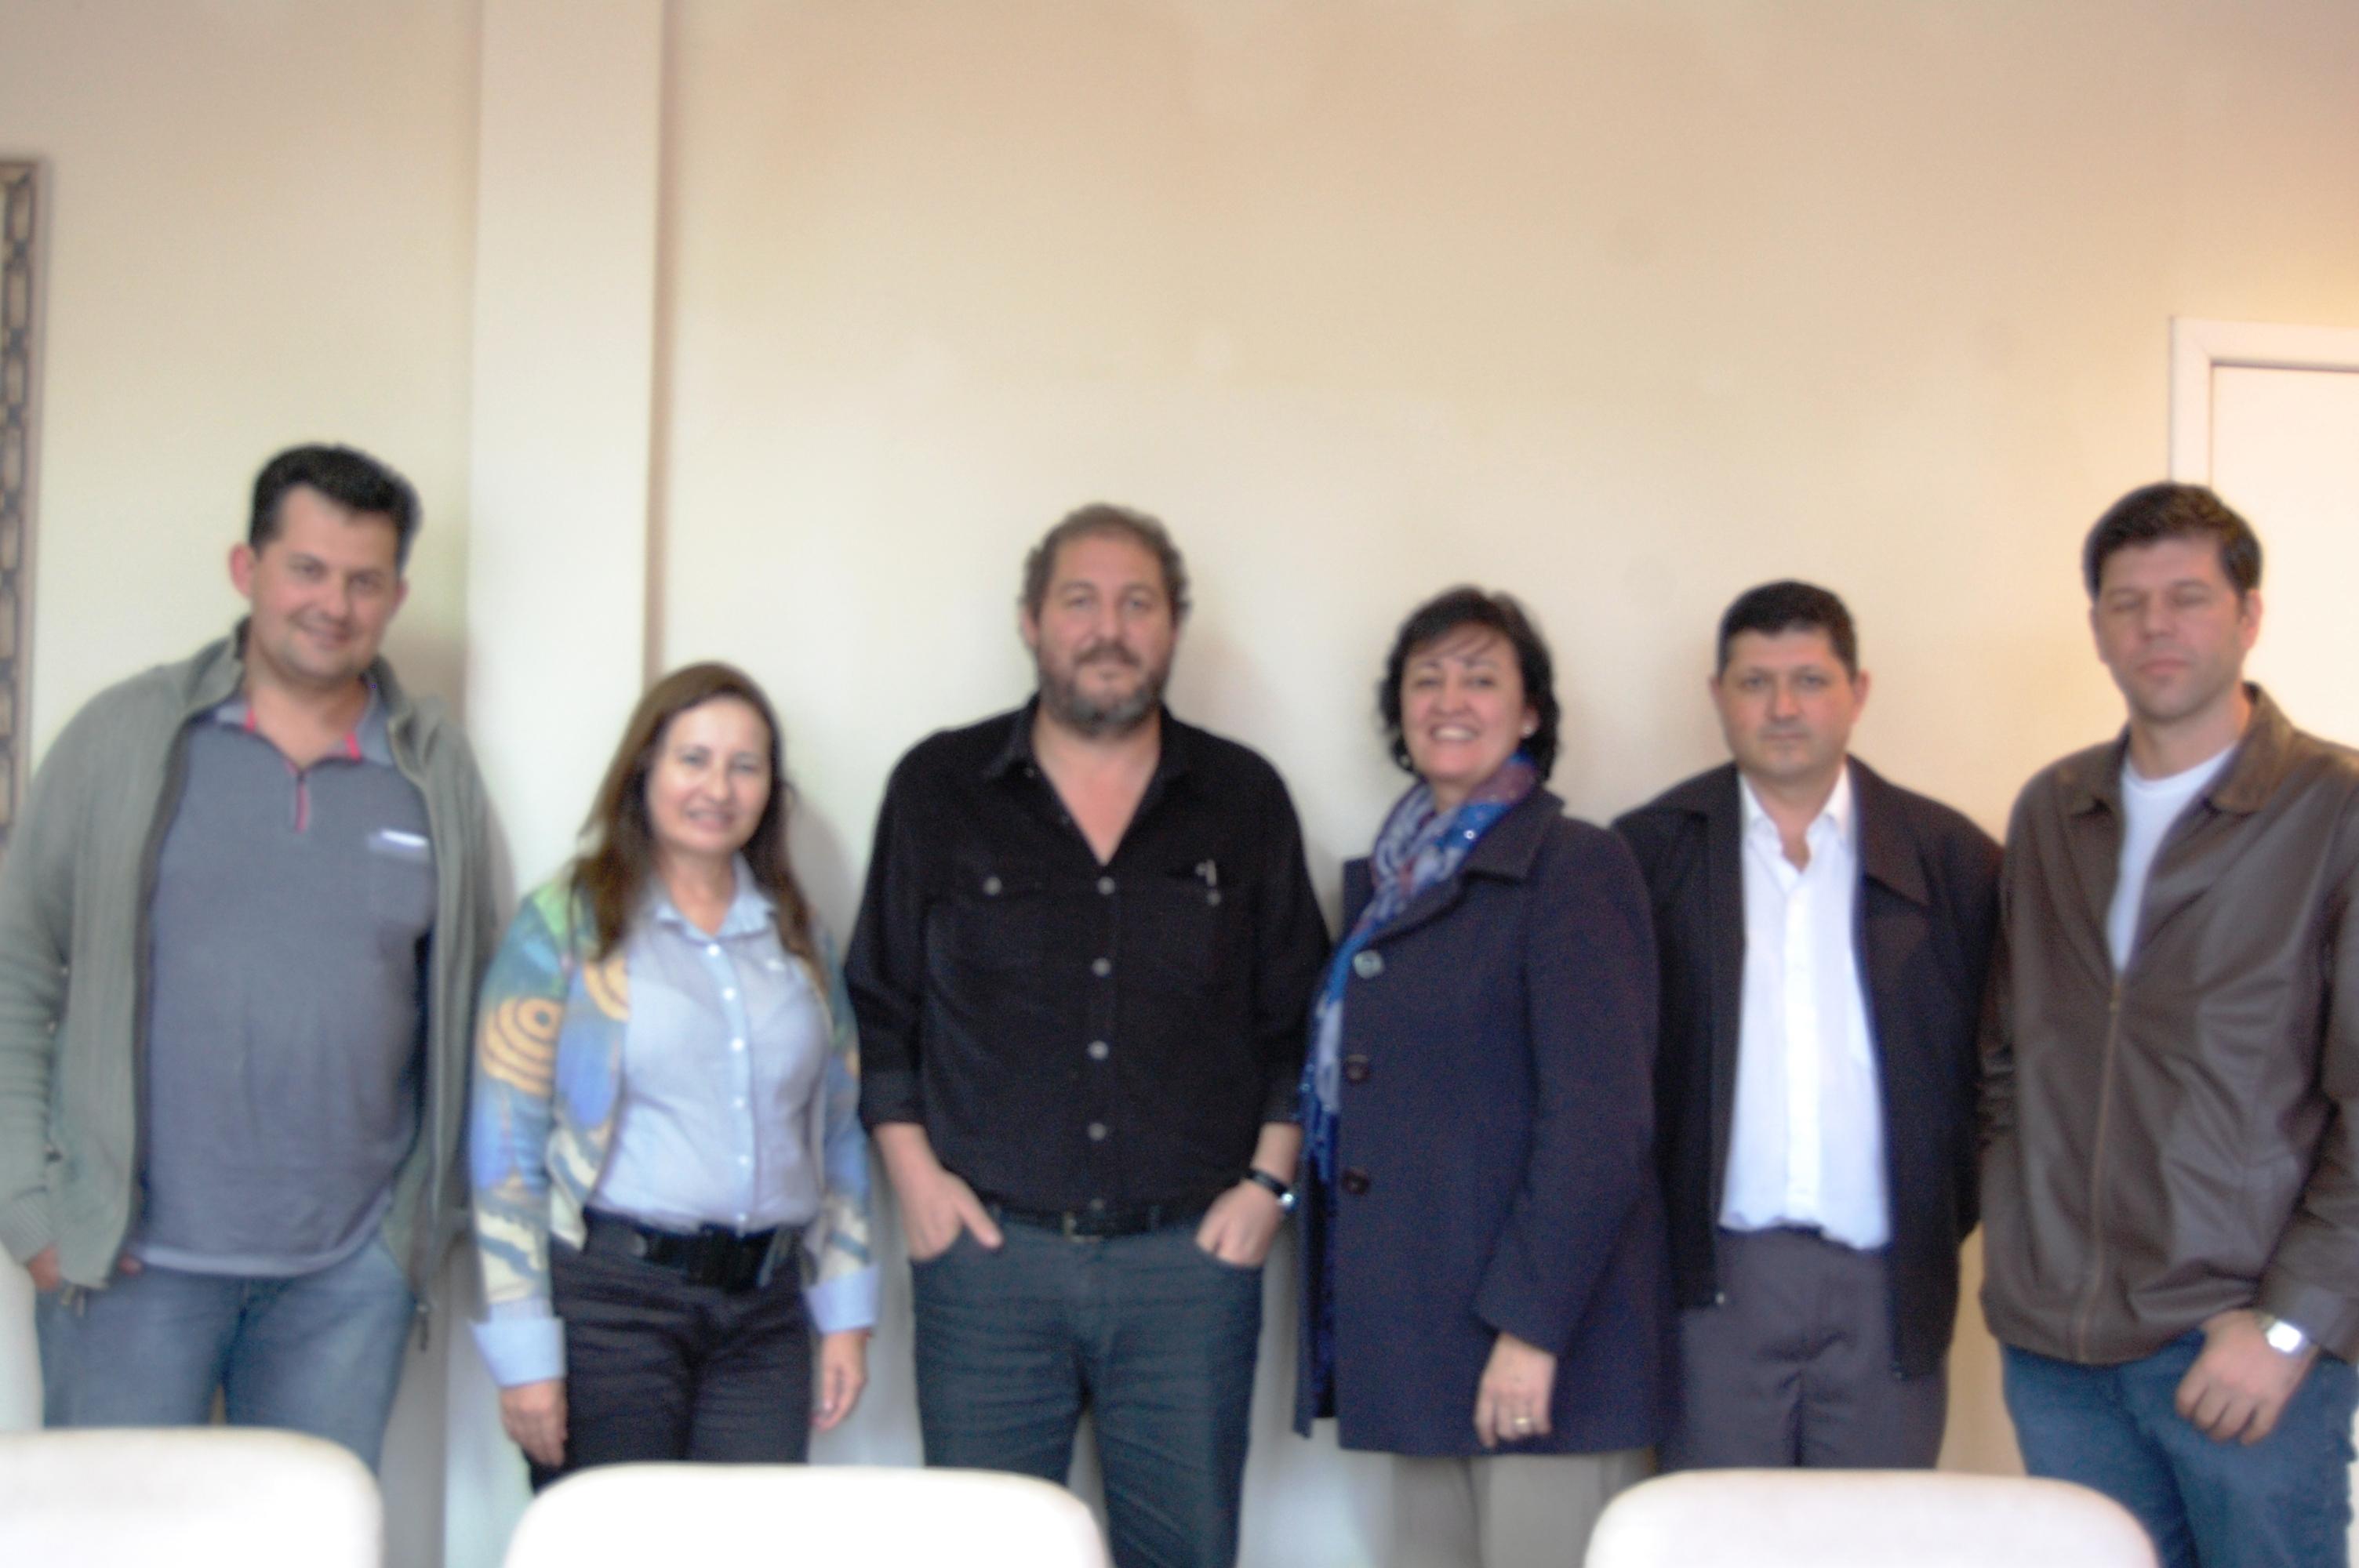 Prefeito, Vereadores e representantes do INSS presentes ao encontro que discutiu a volta das per�cias m�dicas na ag�ncia local.